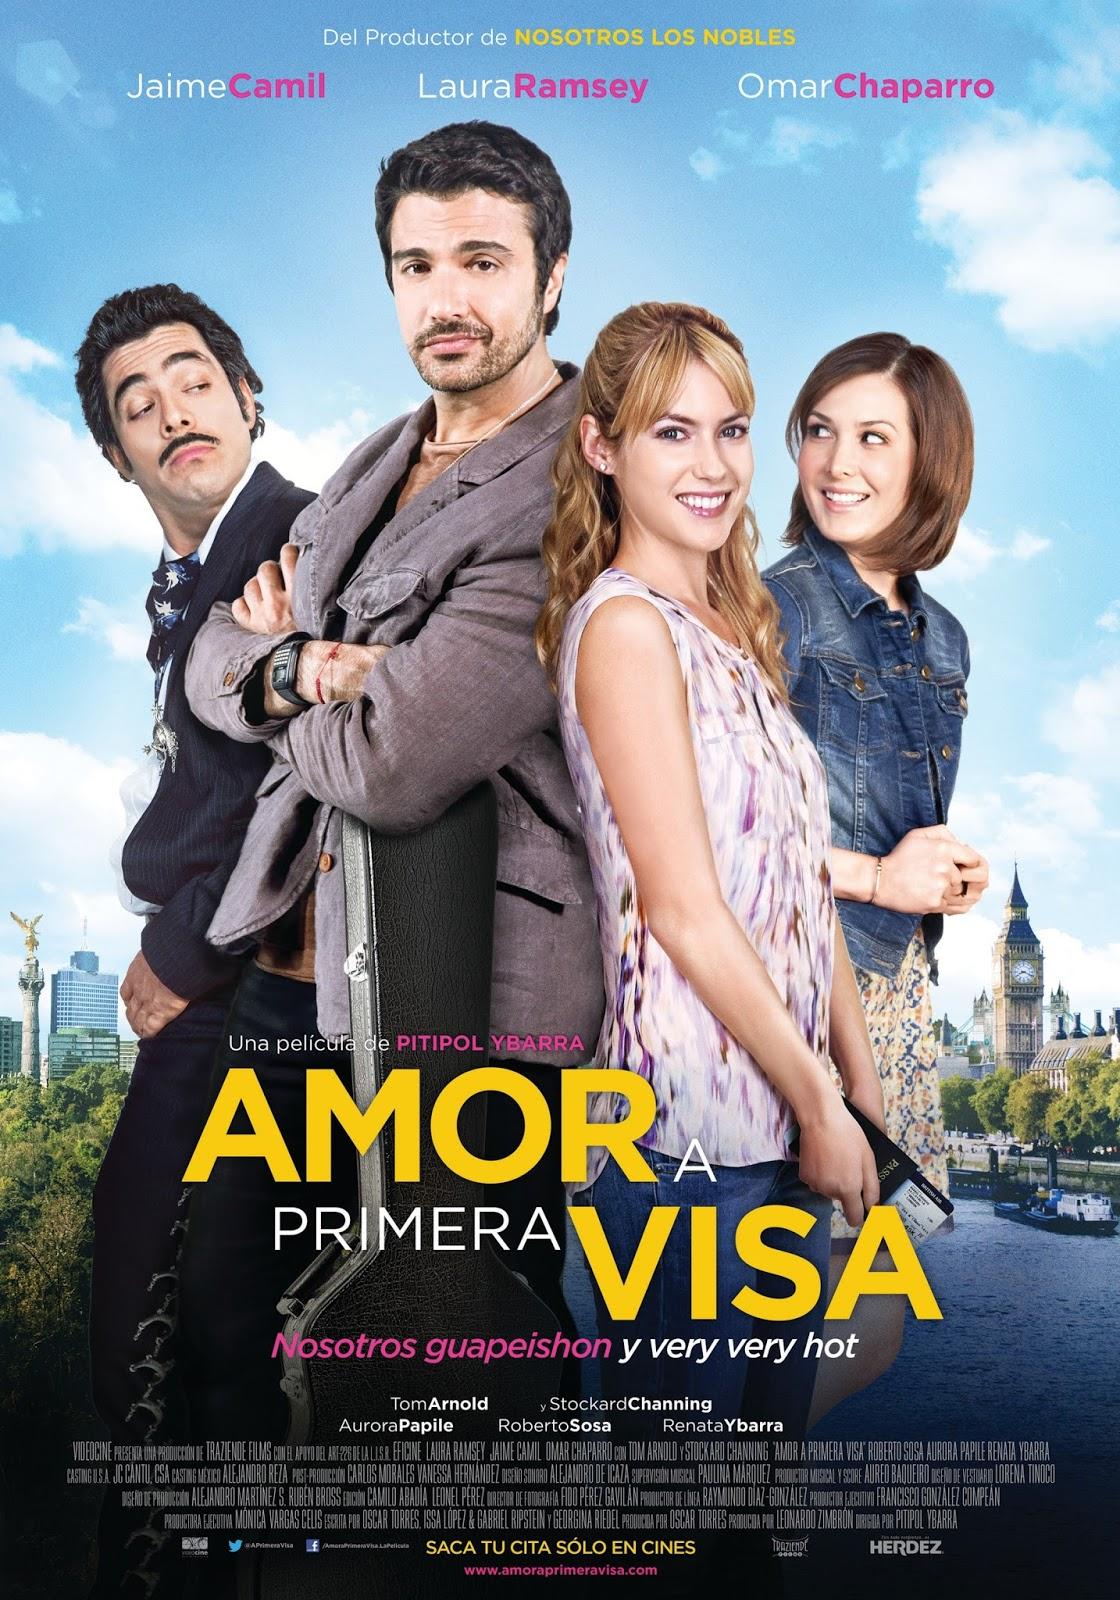 Amor_A_Primera_Visa_Poster_Oficial_JPosters